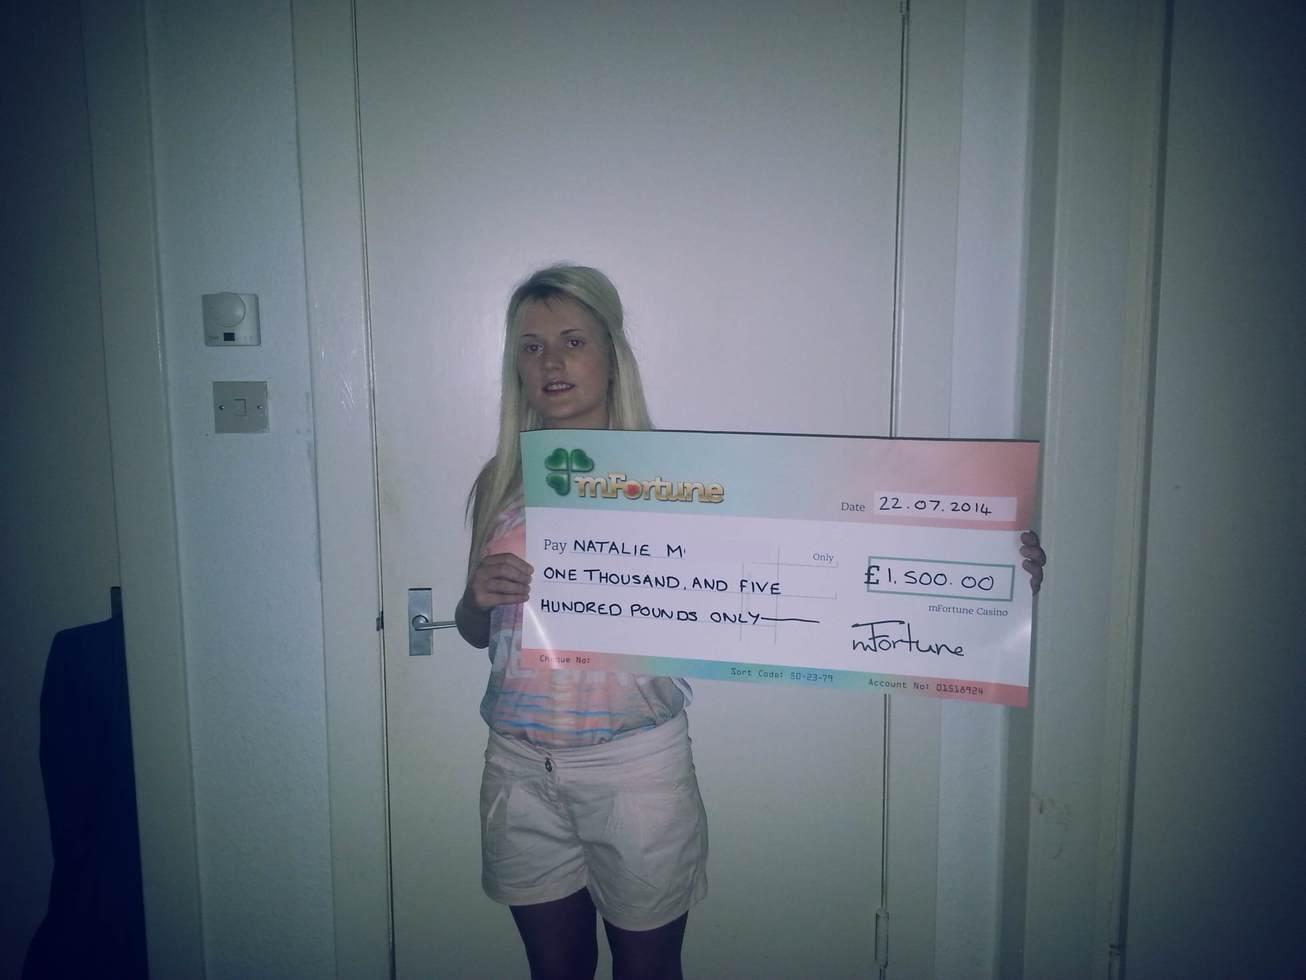 Natalie M won £ 1,500